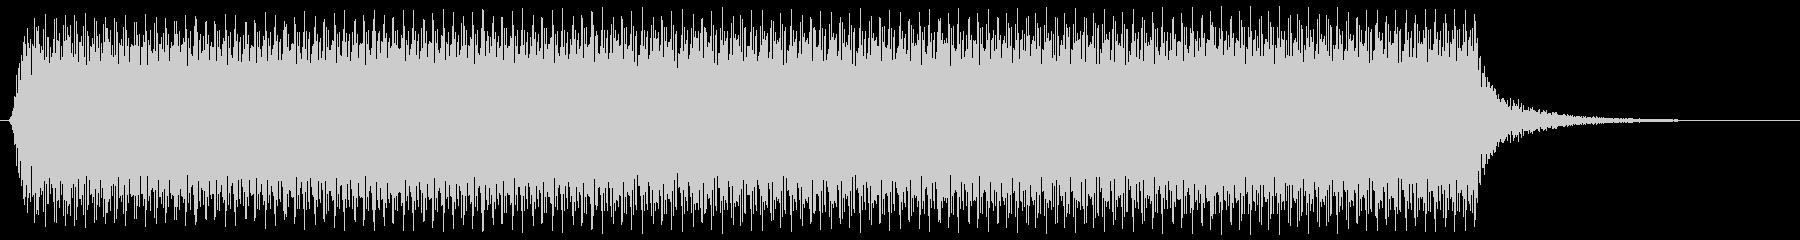 ロングブラストカーホーンの未再生の波形